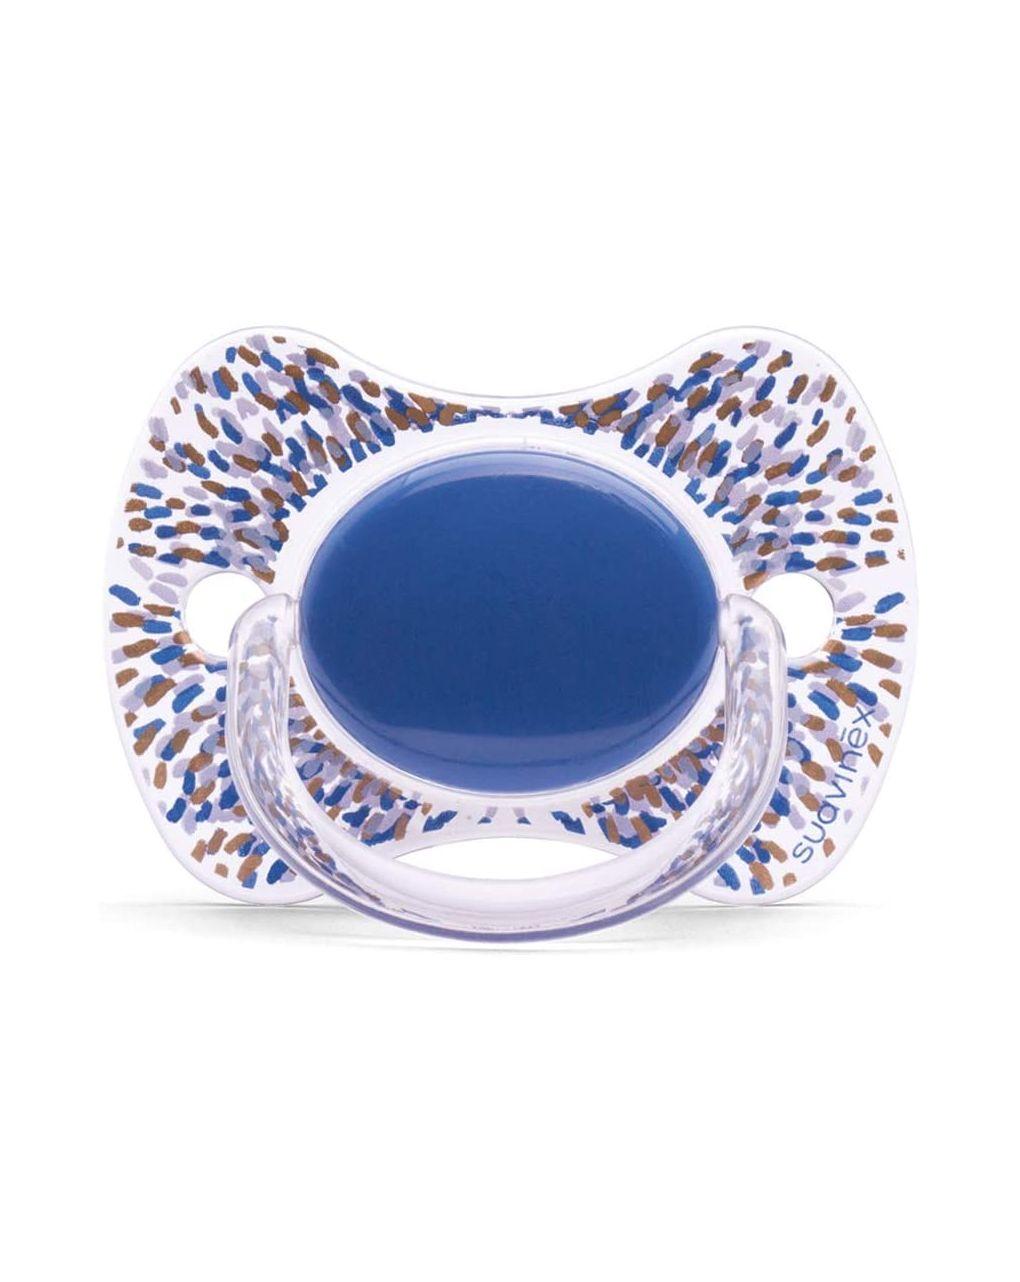 Succhietto premium con tettarella fisiologica 4-18 mesi azzurro scuro - Suavinex